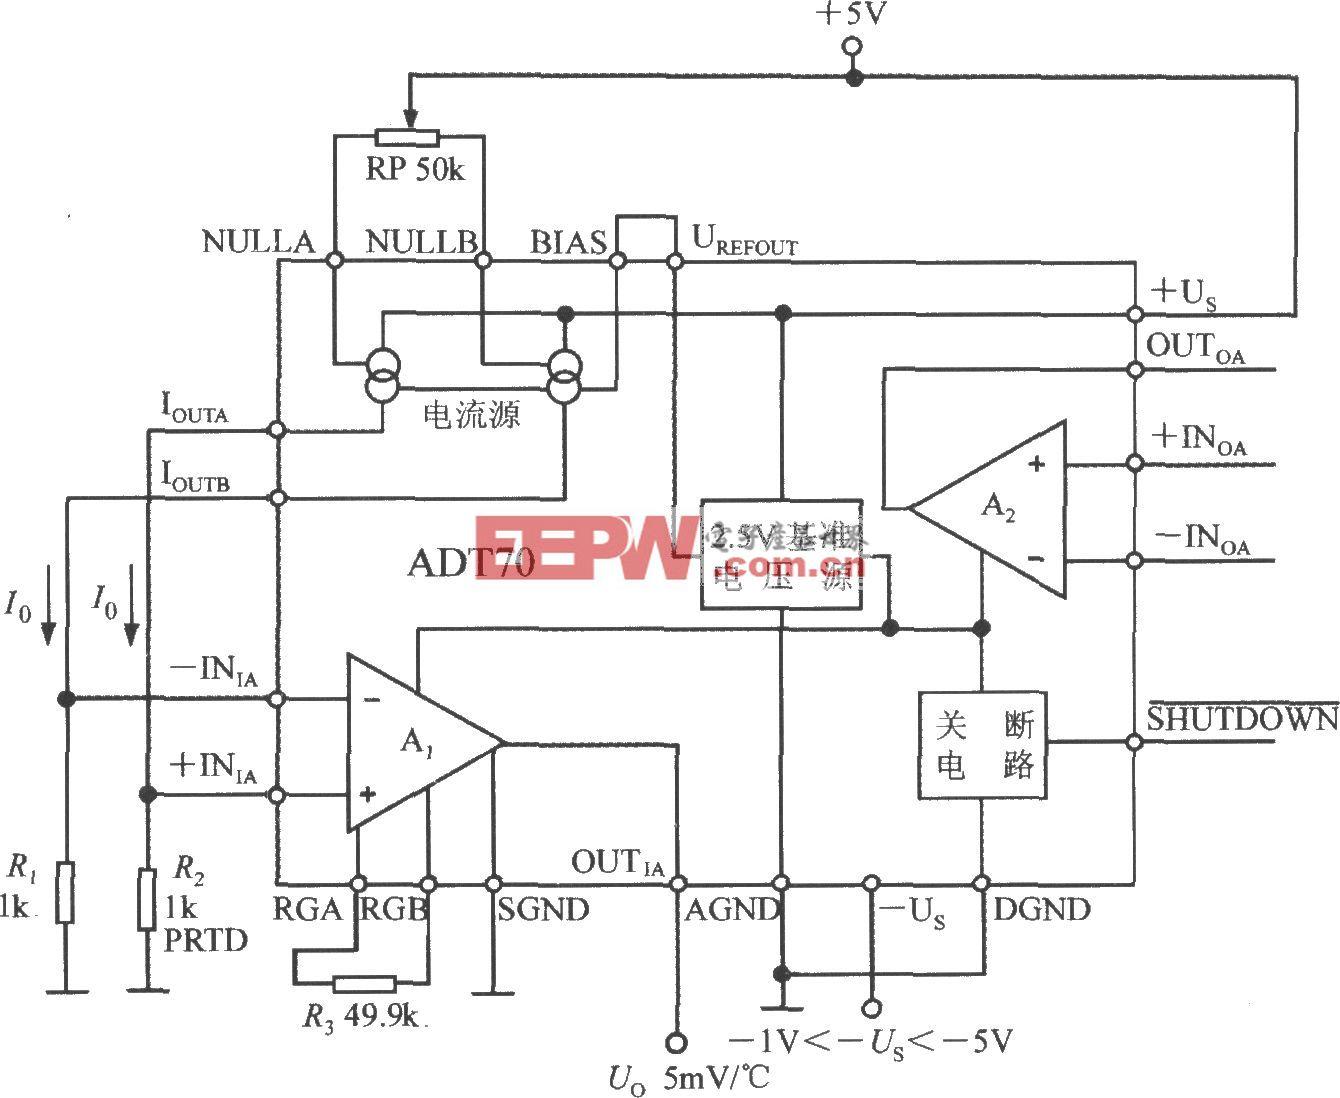 铂热电阻信号调理器ADT70的内部电路框图及典型应用电路